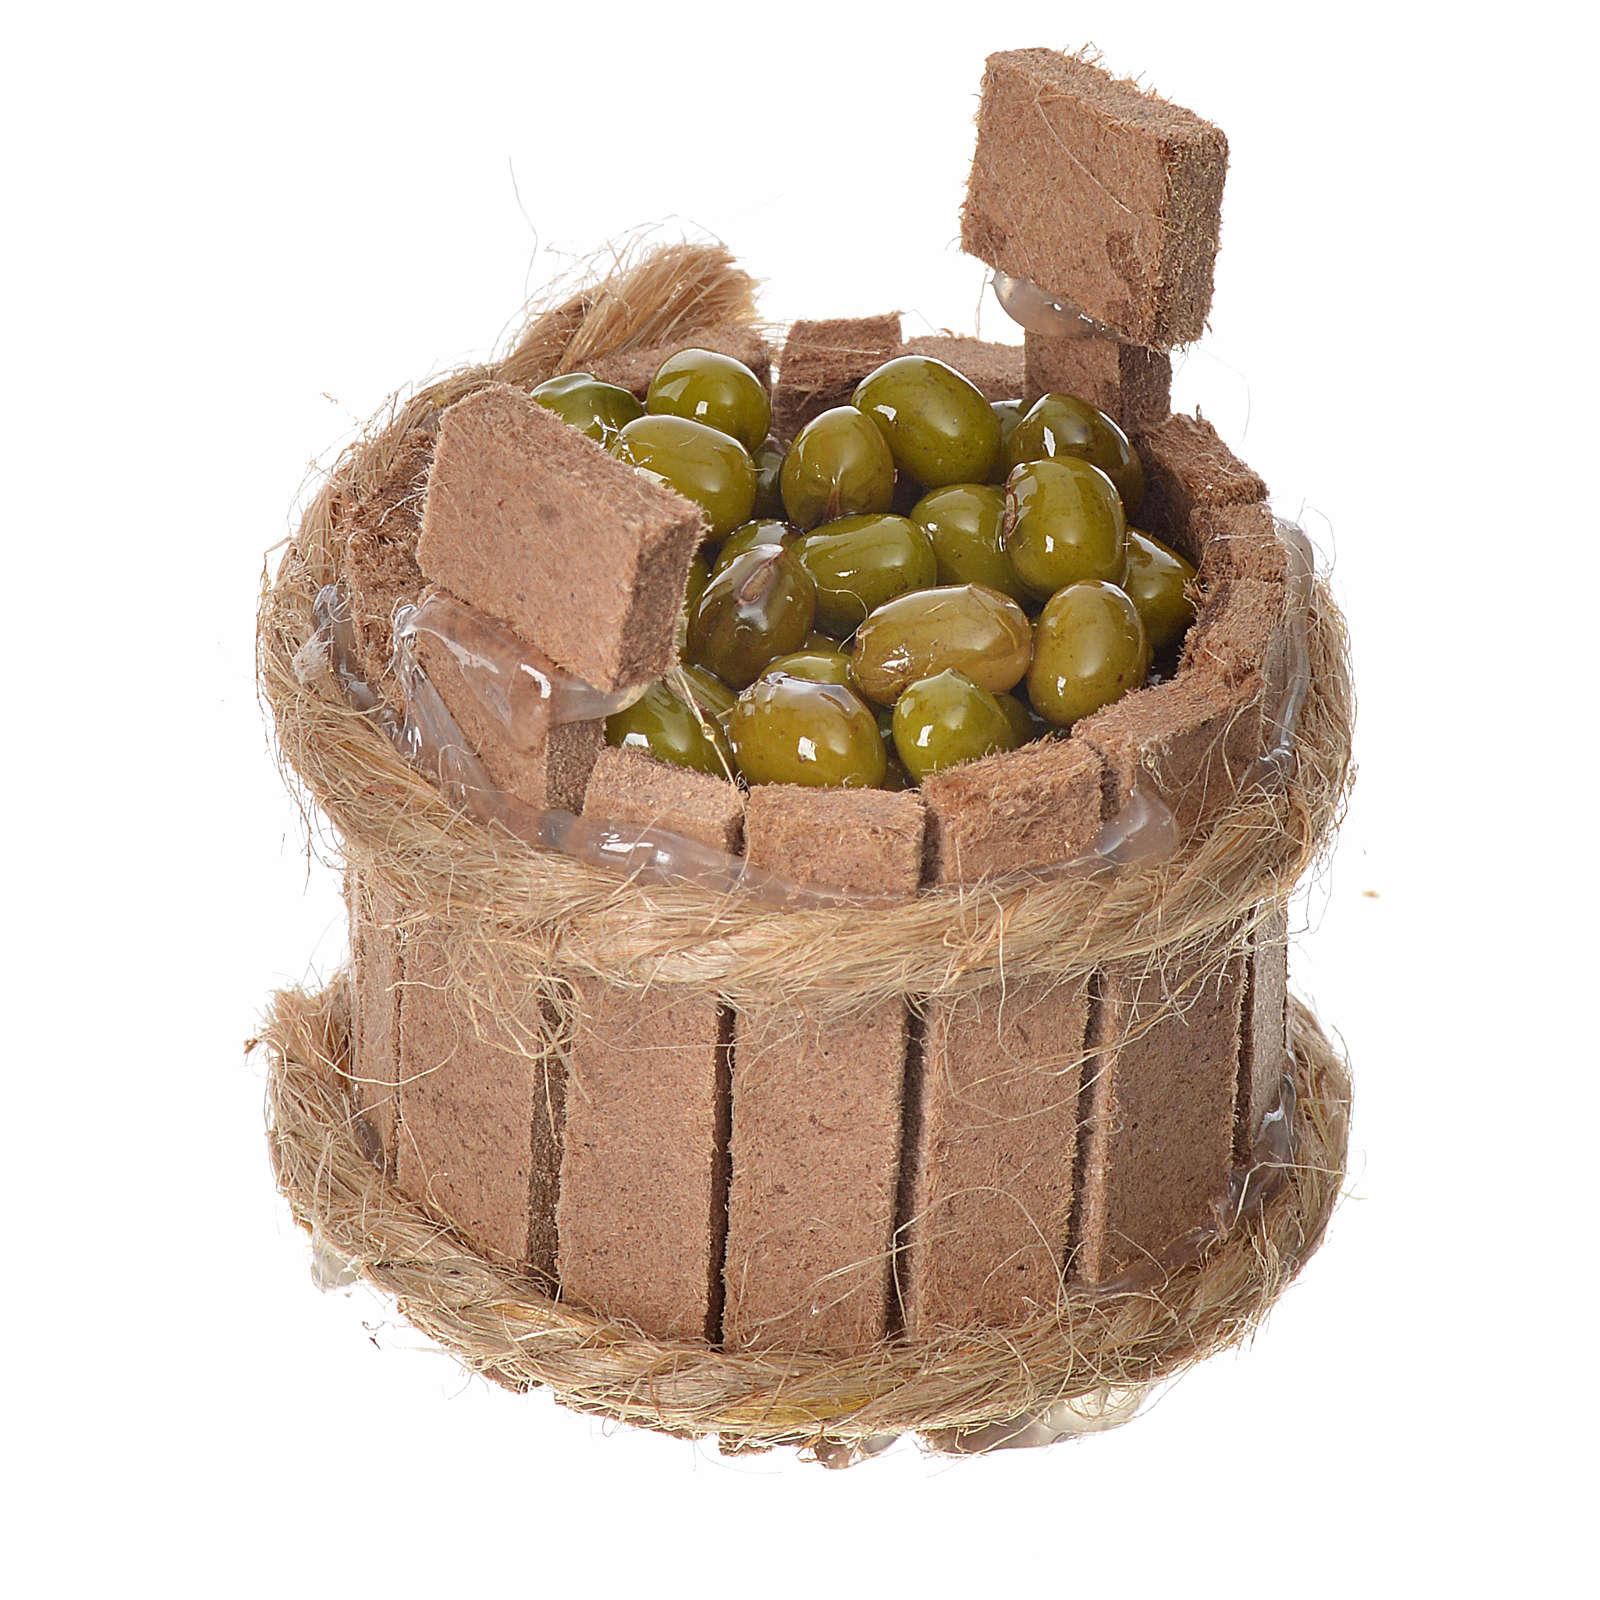 Tino in legno con olive per presepe h3,5 cm 4